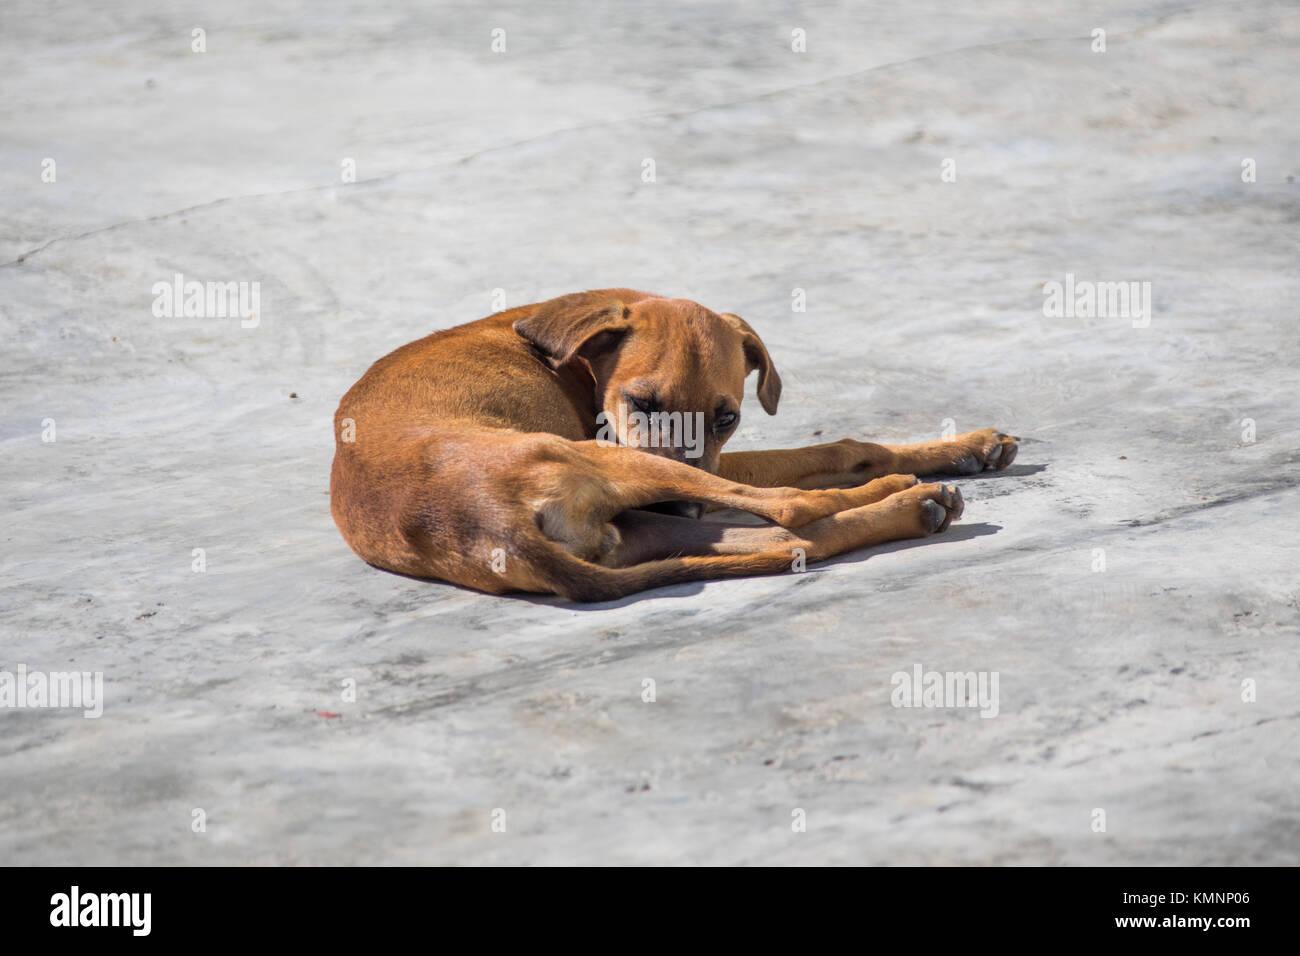 Sick stray dog in Cienfuegos, Cuba - Stock Image